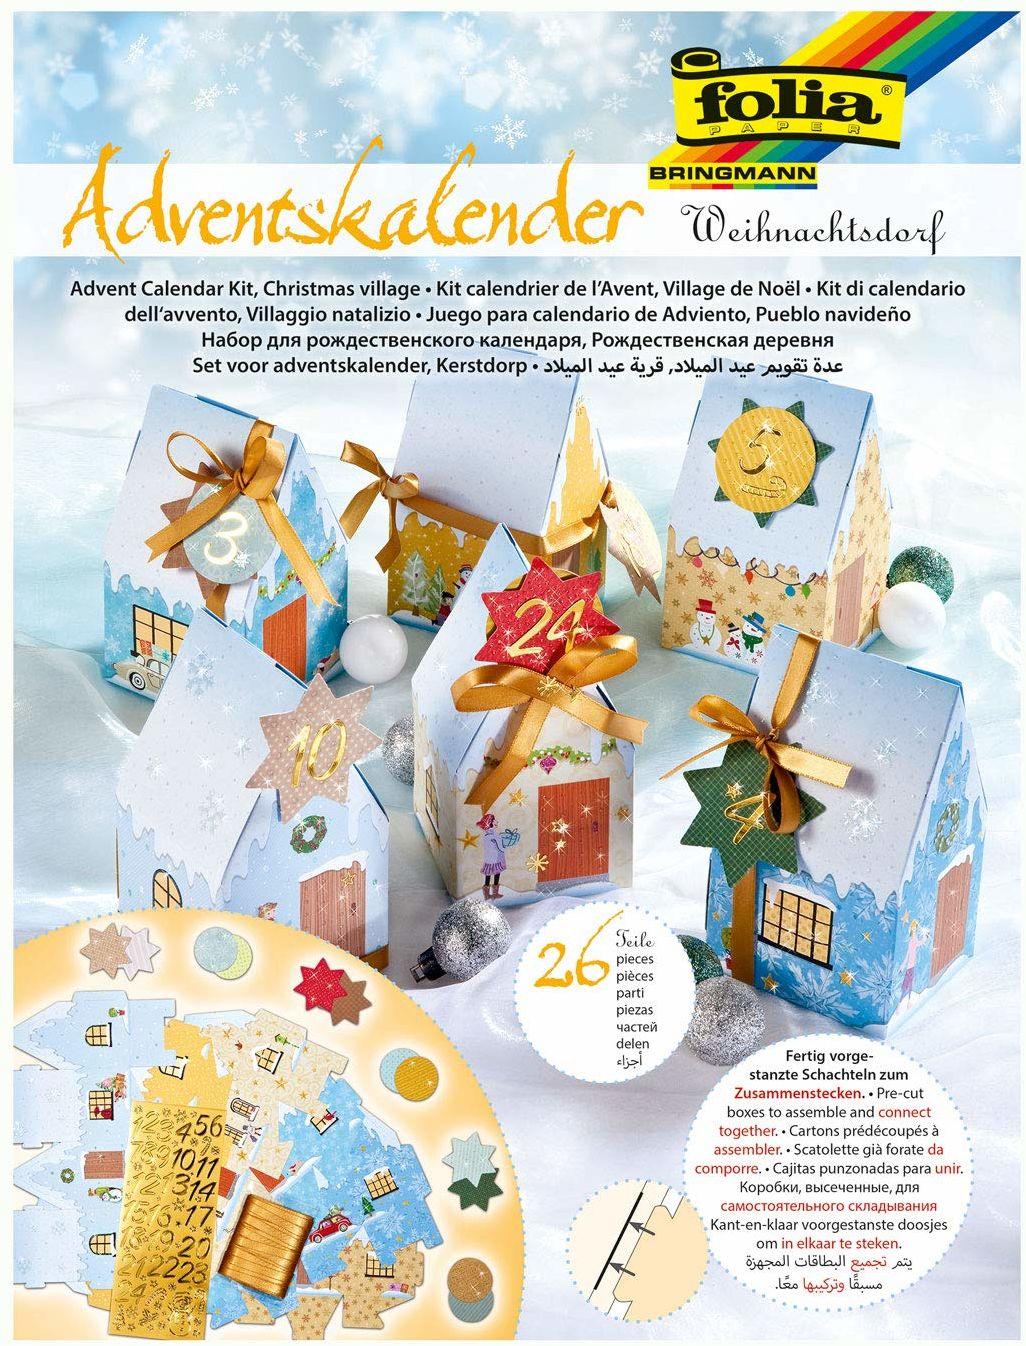 folia 9391  kalendarz adwentowy wioska bożonarodzeniowa, wstępnie wytłoczone pudełka w postaci 24 domków do złożenia, z brokatowymi aplikacjami, idealny na małe prezenty na adwent